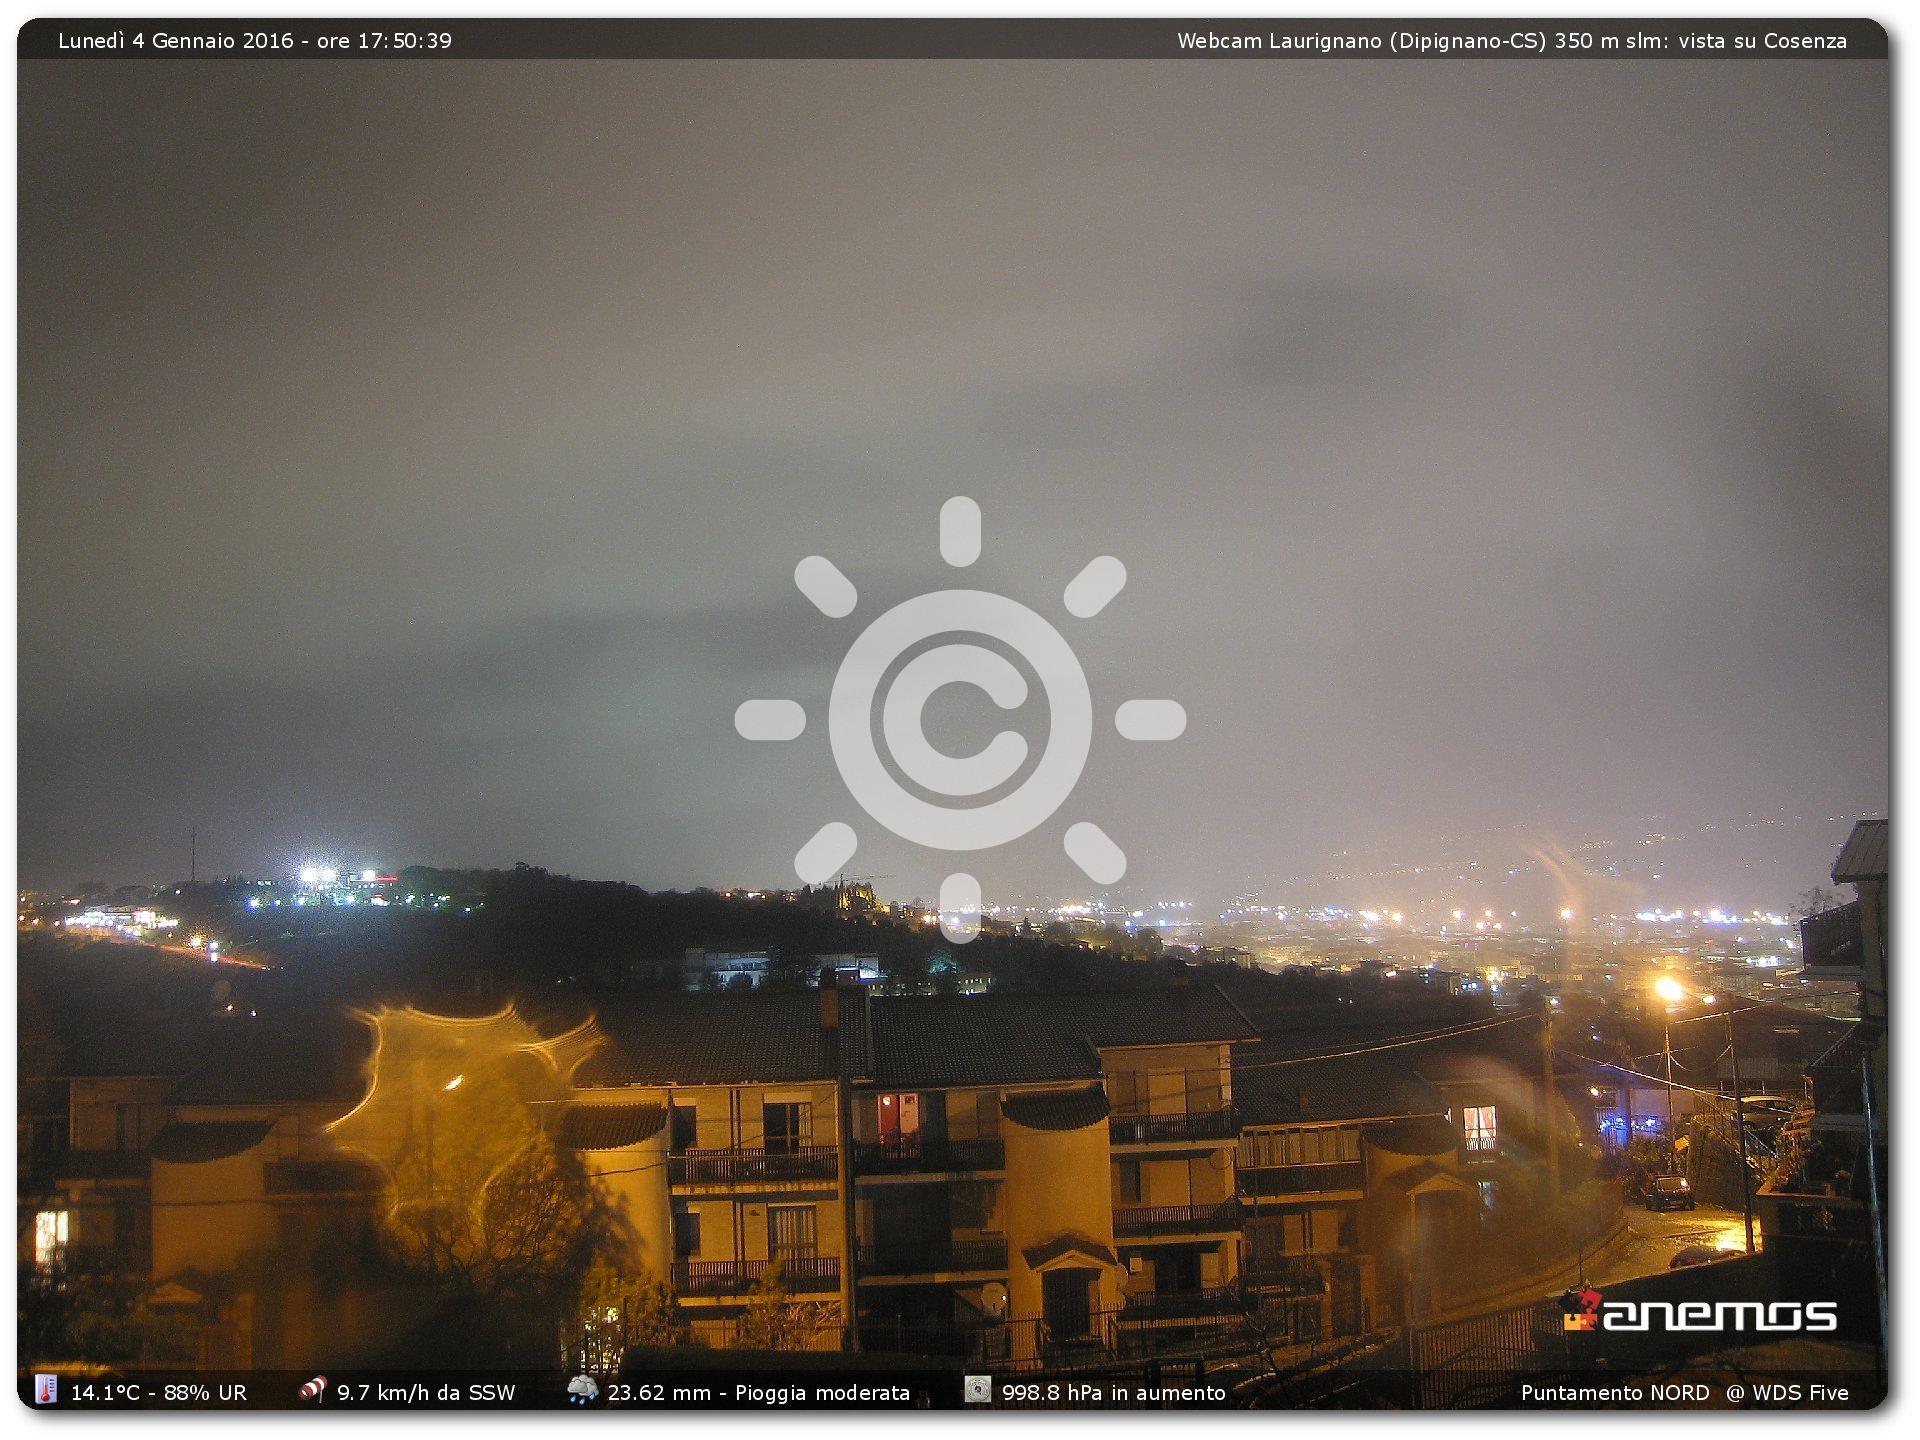 Piogge intense sul Cosentino